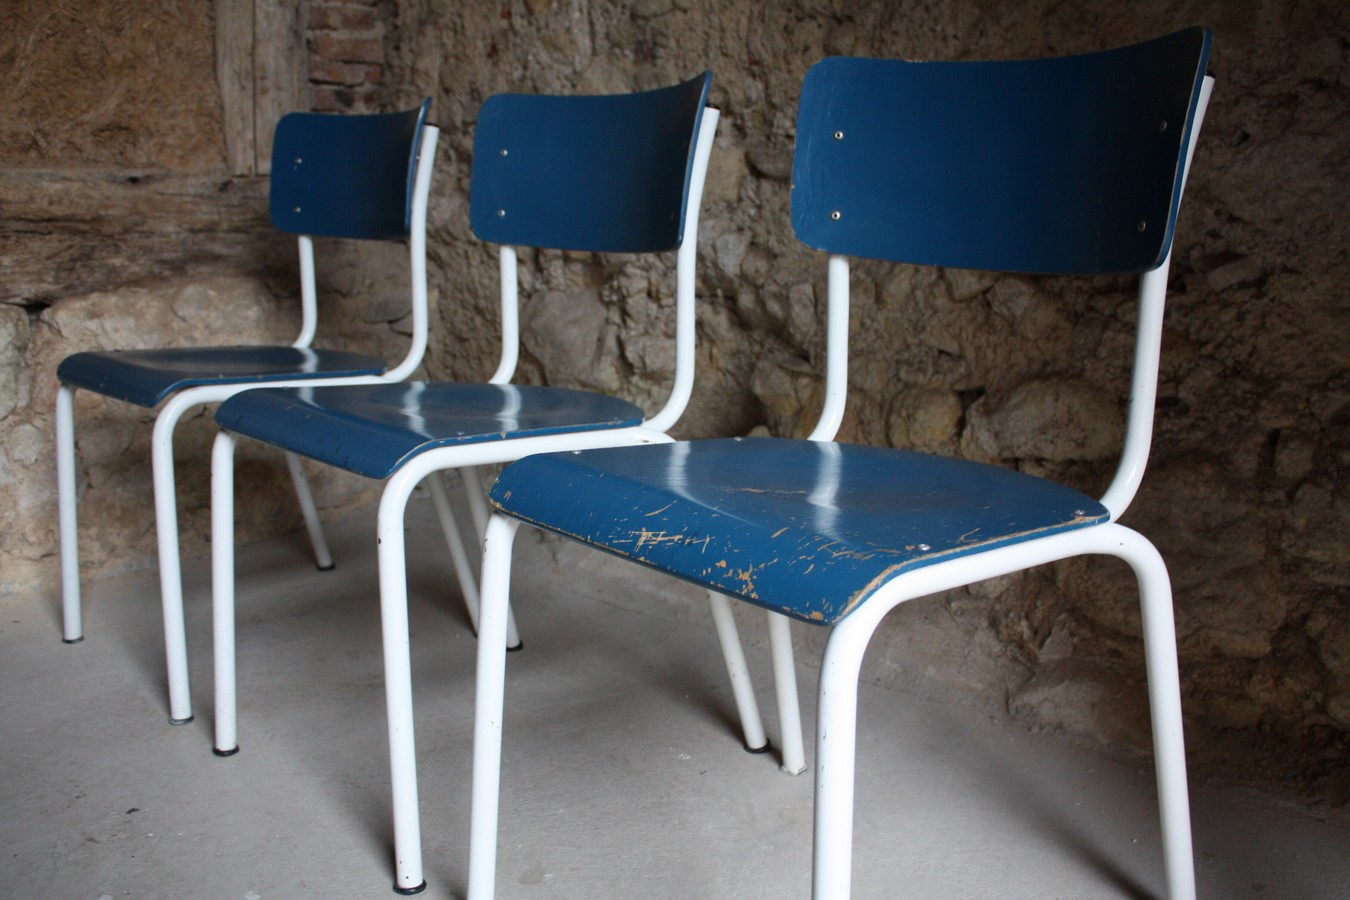 Stuhl gebraucht bauhaus schulstuhl vintage mobel 7 - Gebrauchte vintage mobel ...